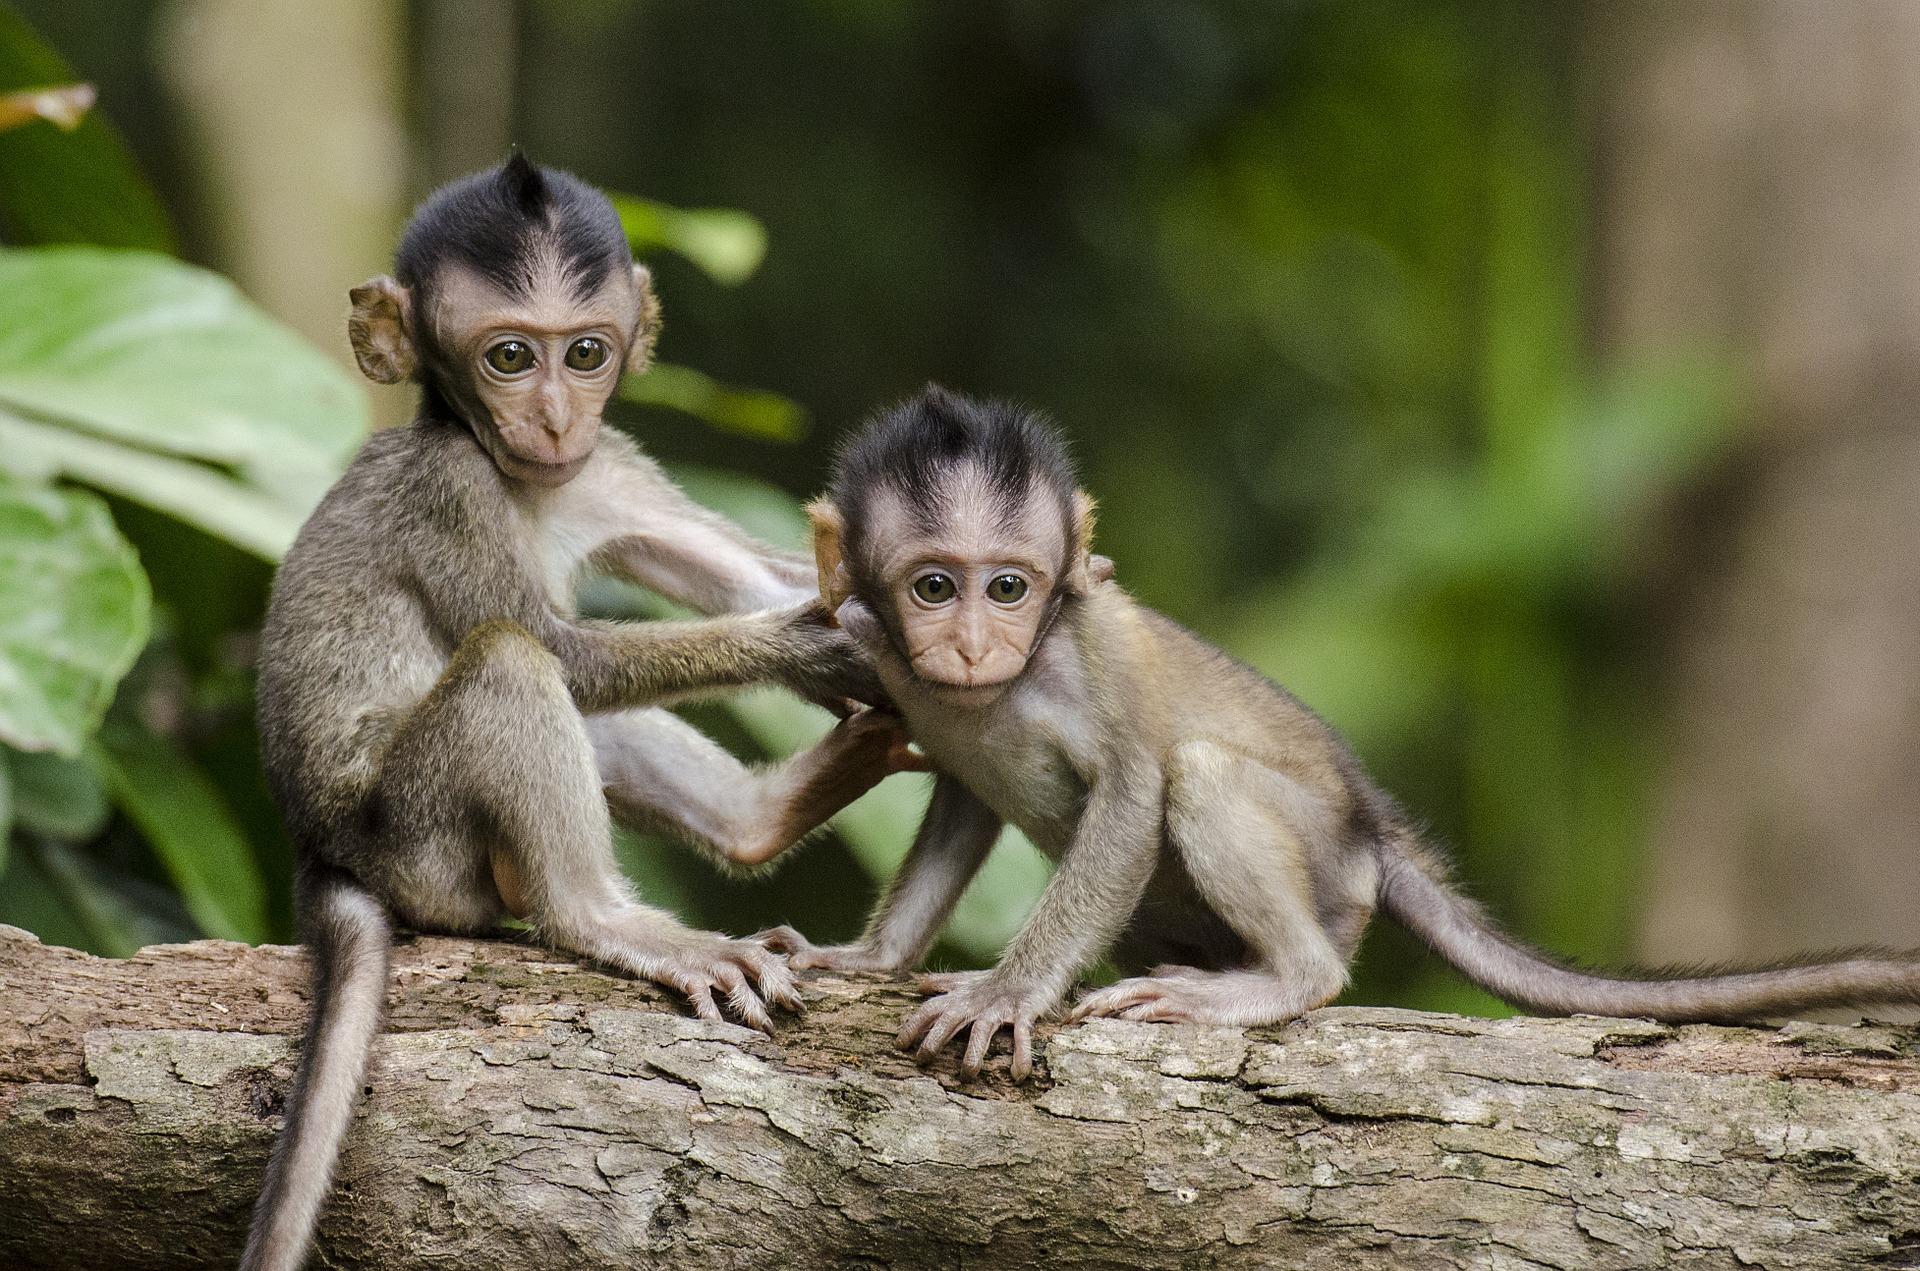 Kina klonirala genetski izmijenjenog majmuna radi istraživanja poremećaja spavanja